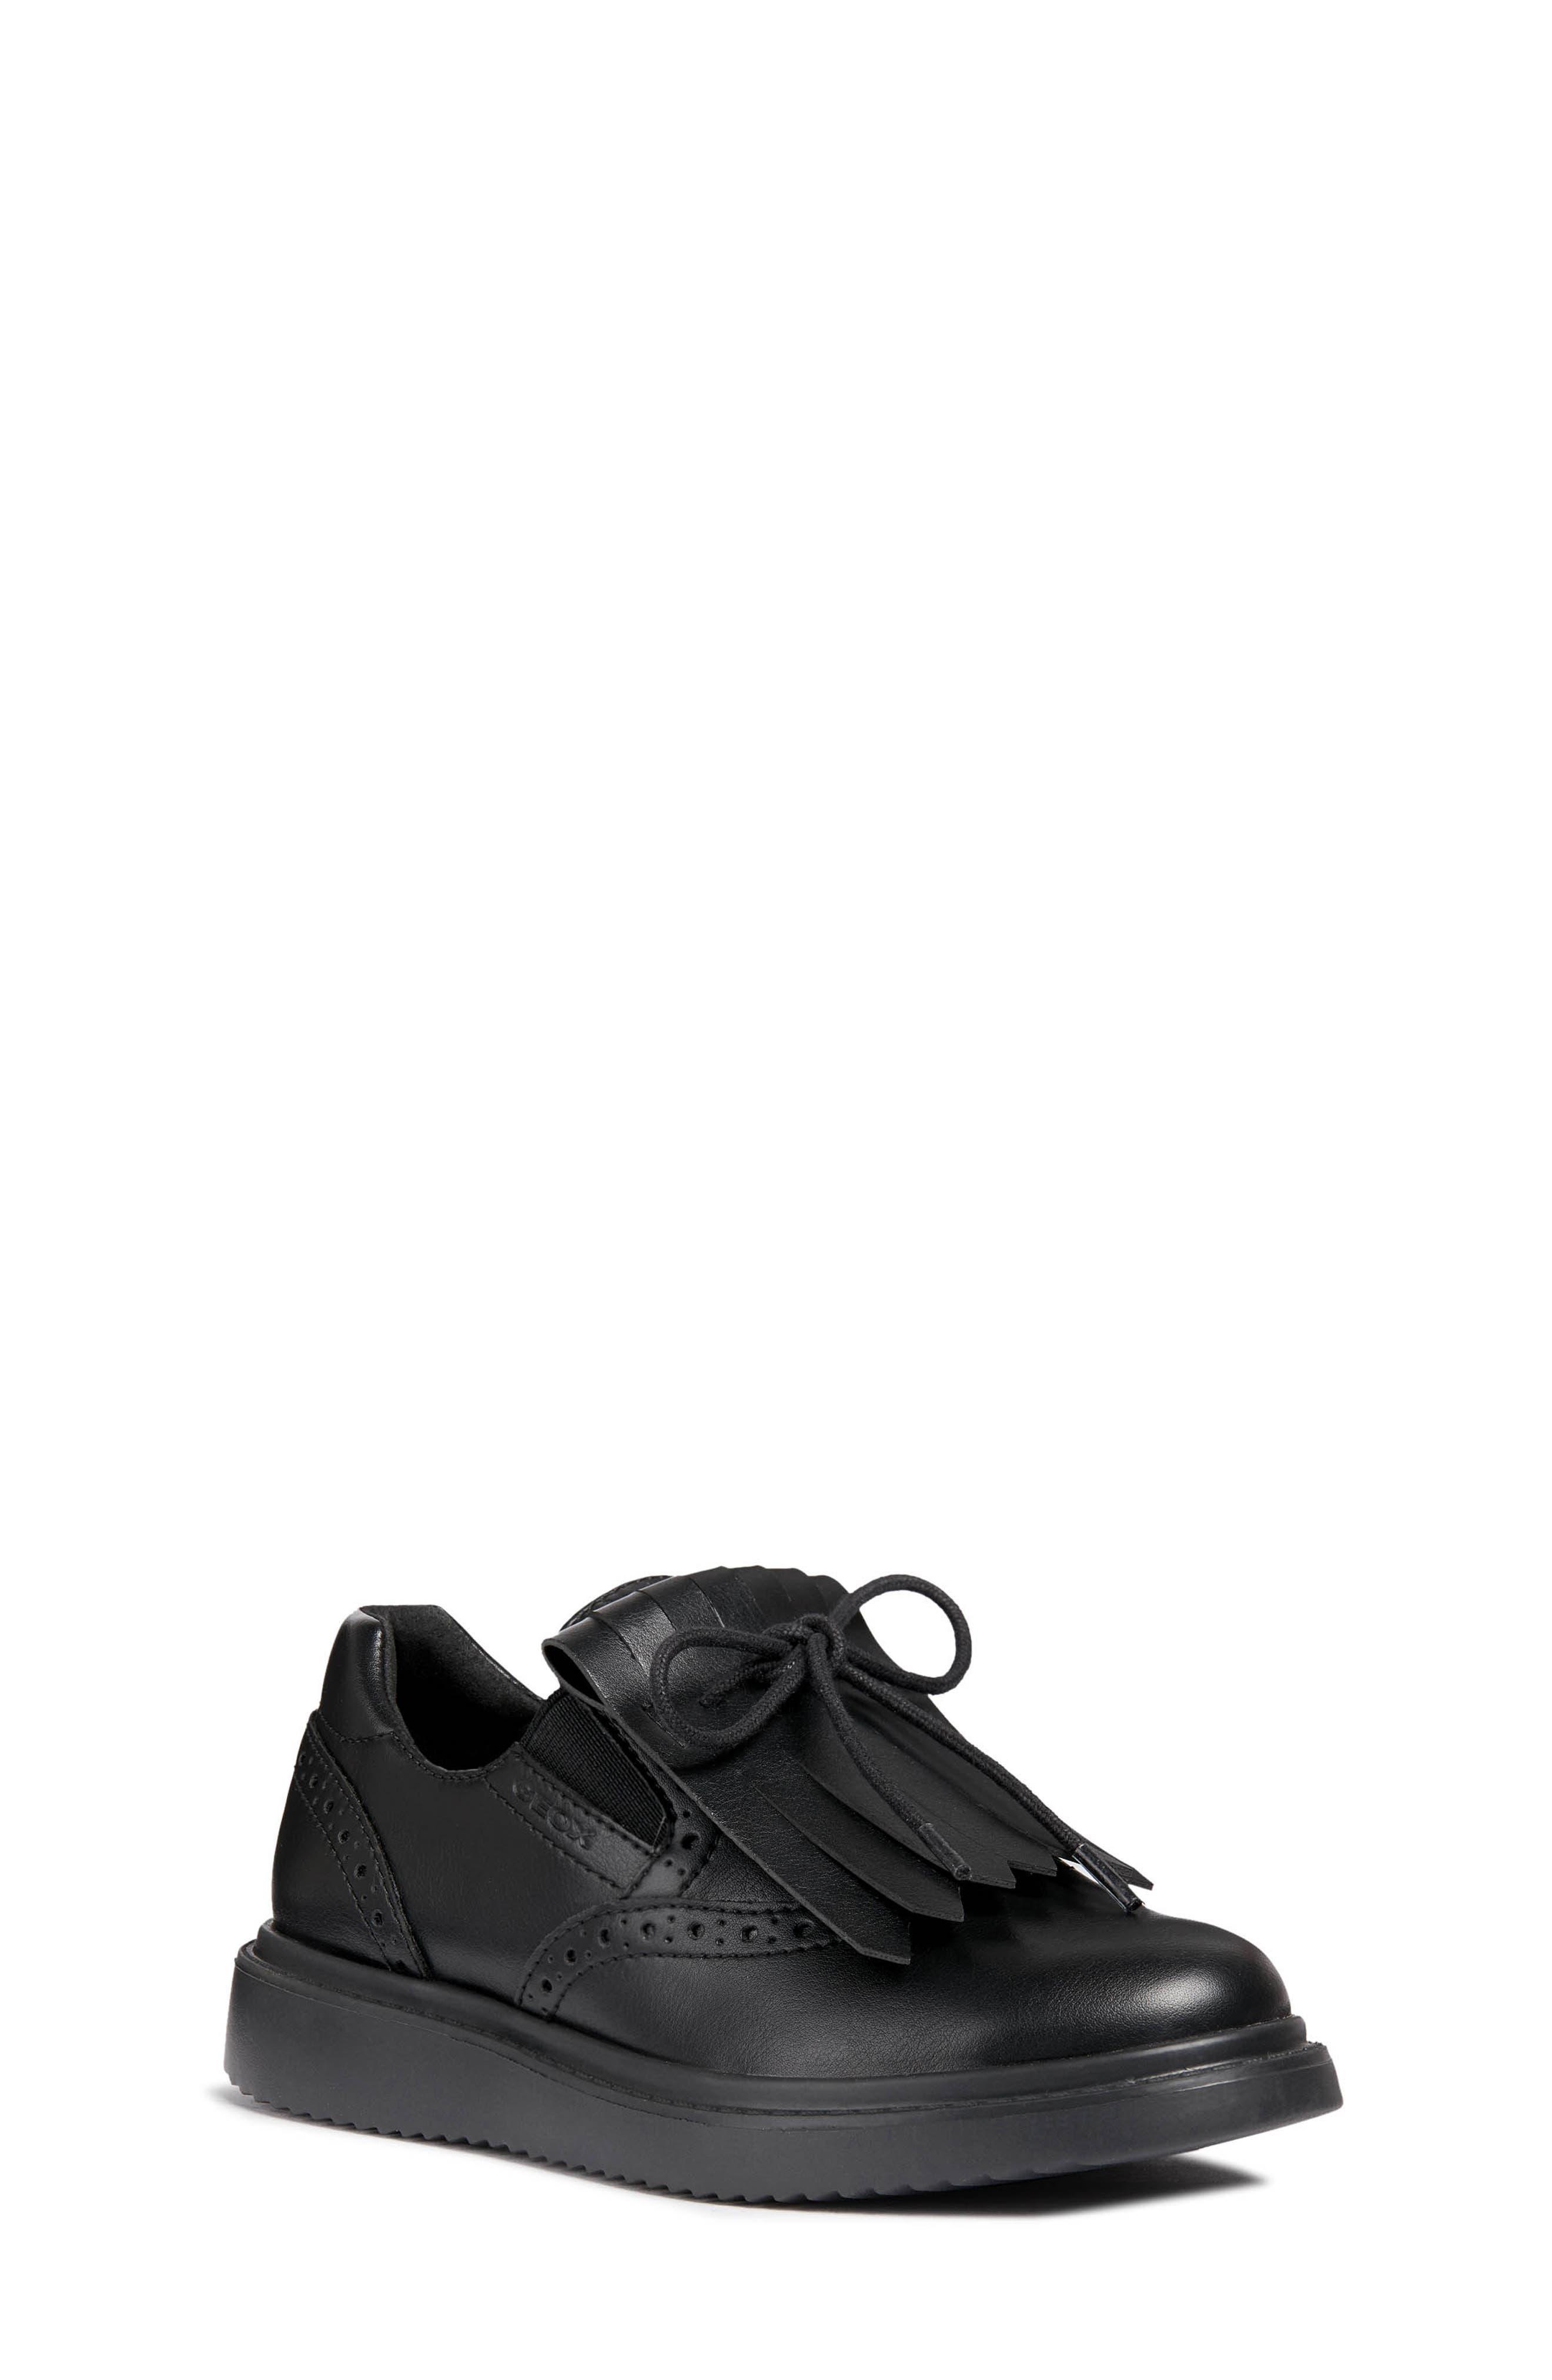 GEOX Thymar Kiltie Fringe Sneaker, Main, color, 001